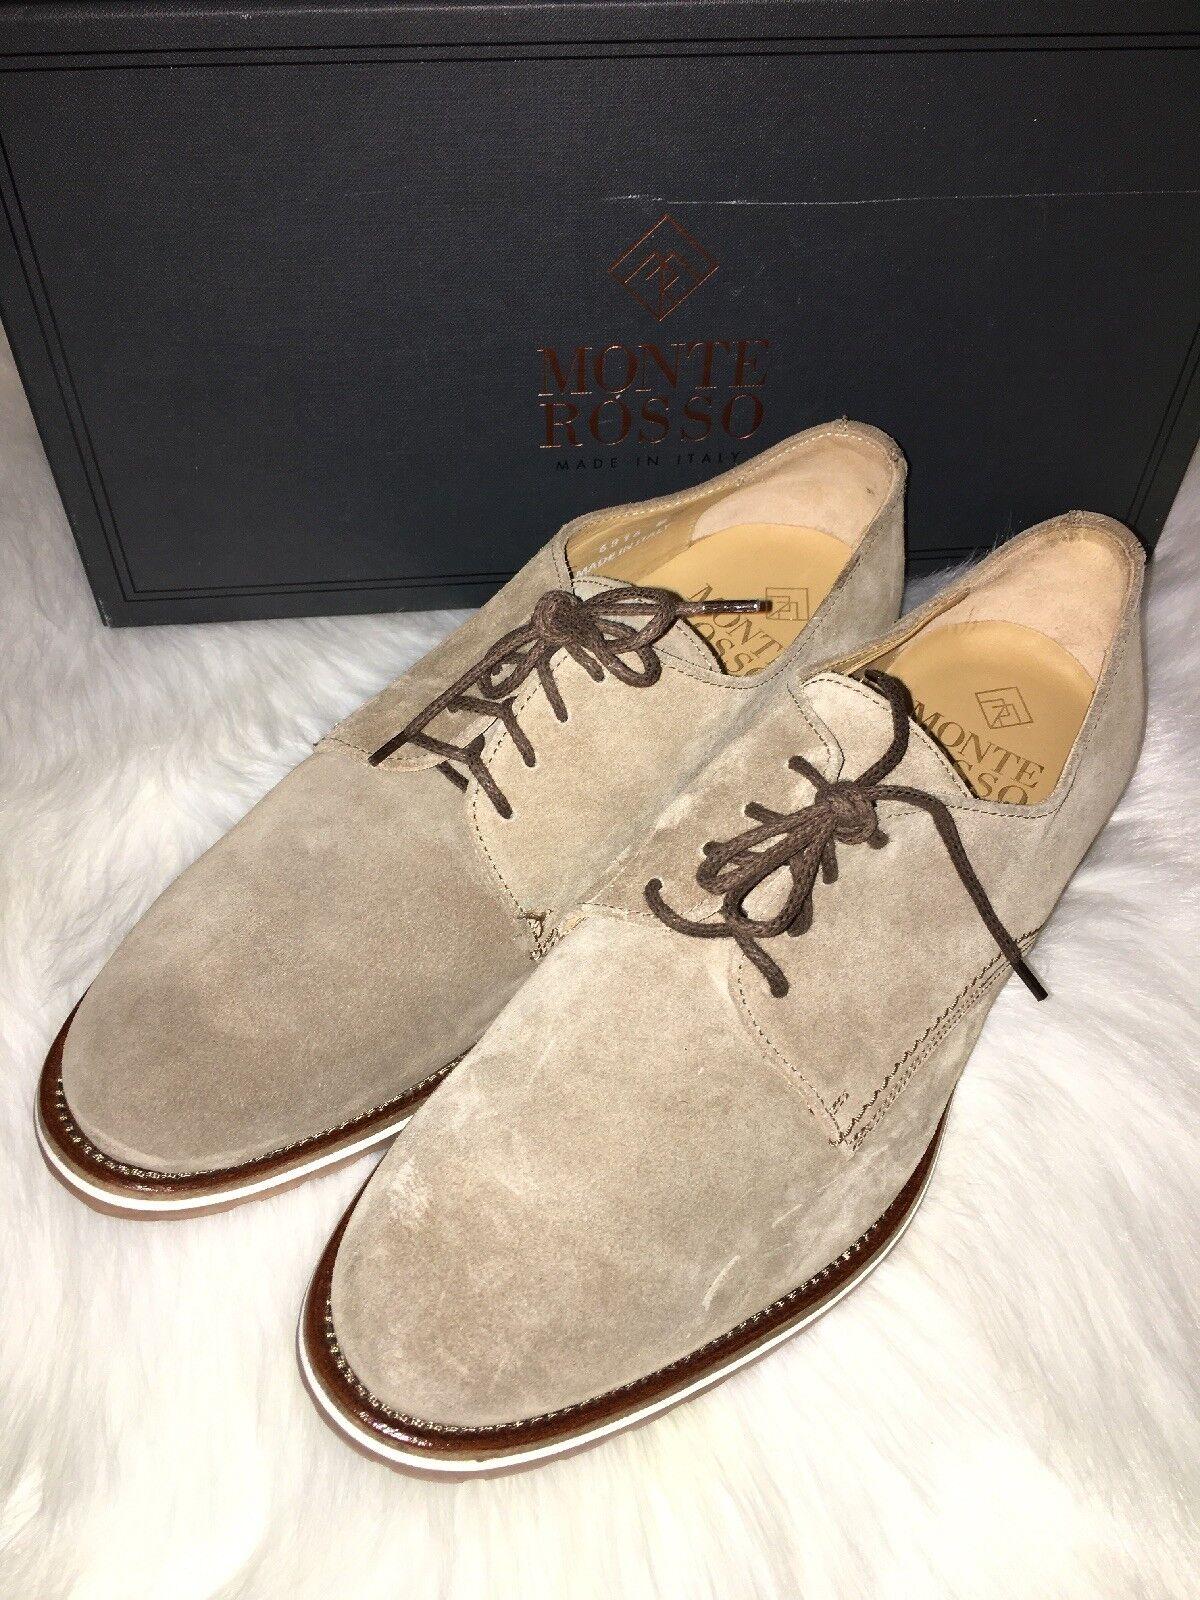 Monte rouge Grado beige daim Oxford hommes chaussures